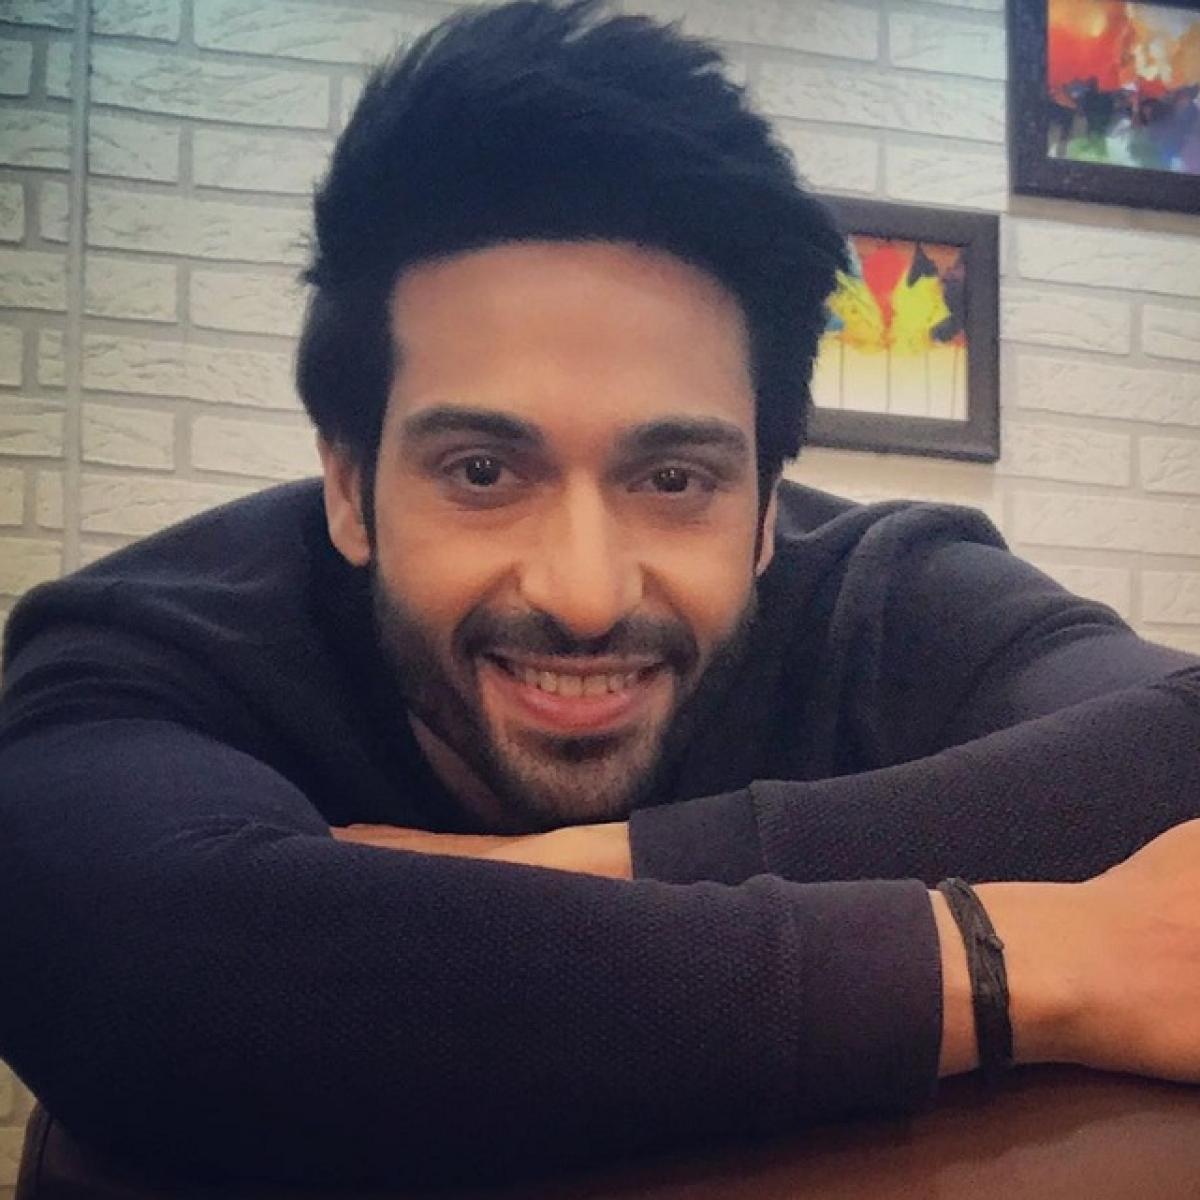 'Naagin 4' actor Vijayendra Kumeria victim of fake casting call